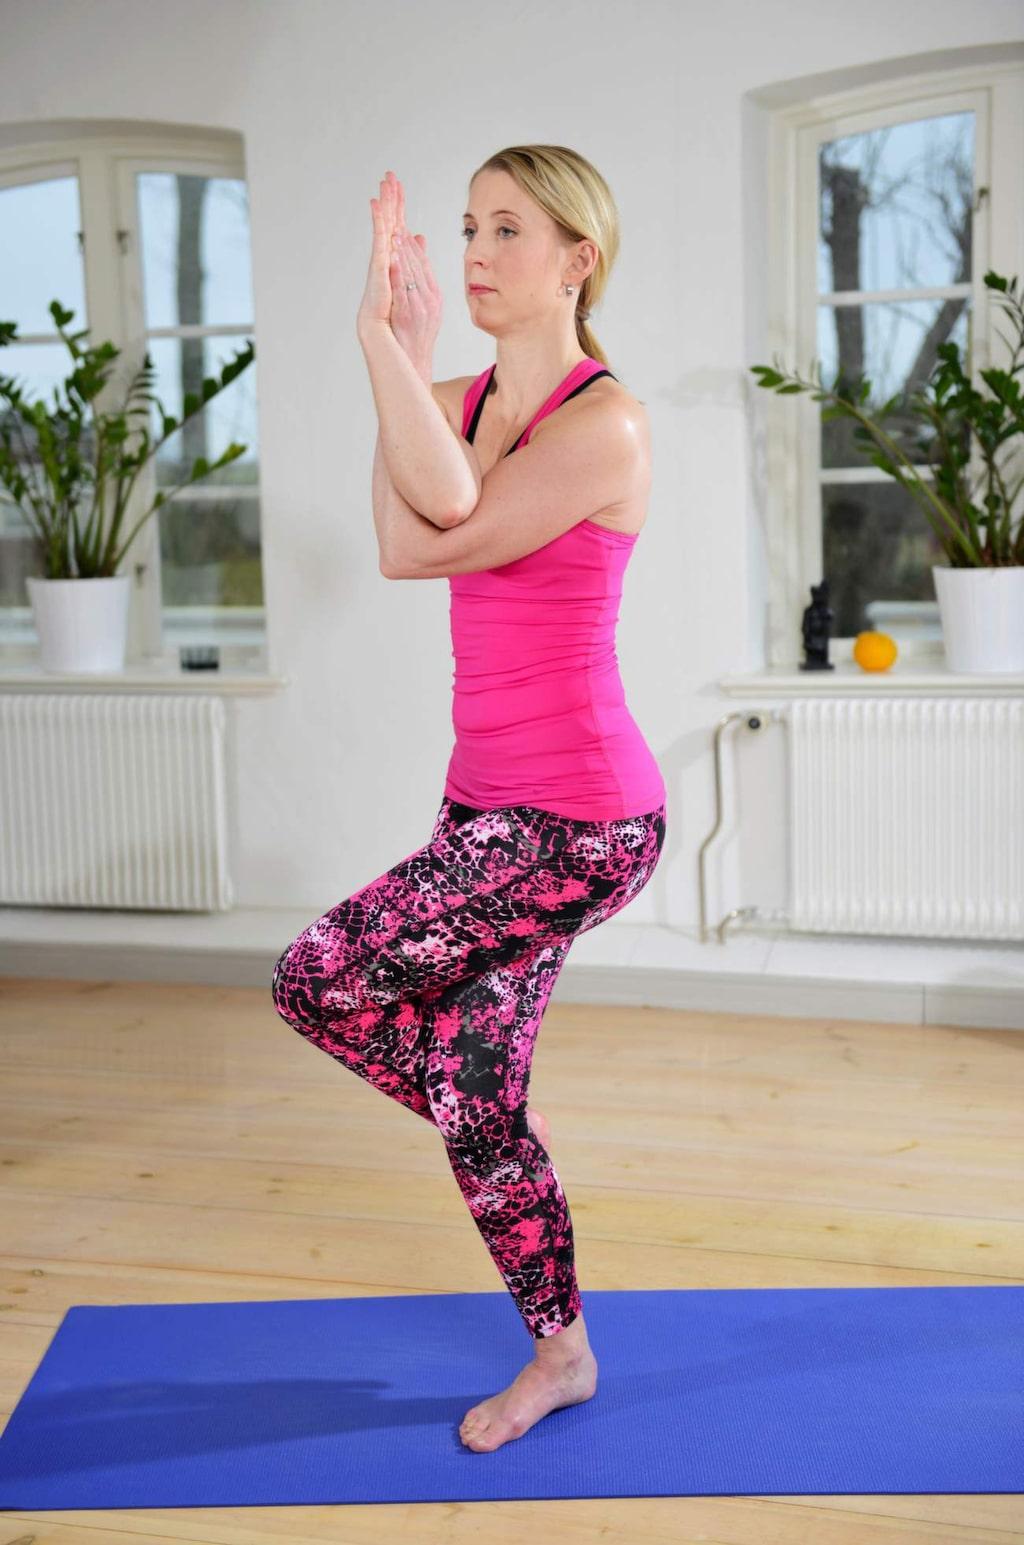 """<p><strong>Örnen</strong><br><strong>Bra för: </strong>Stärker underkroppen, som lår och rumpa, och ökar rörligheten i många av kroppens leder. Förbättrar balansen.</p><p><strong>Gör så här:</strong> Böj på höger ben, korsa ben vänster över och försök få foten runt bakom vaden. Sträck fram armarna, lägg höger över vänster, böj armarna så att de är i 90 graders vinkel och försök lägga handflatorna mot varandra så att armarna slingrar sig om varandra. Blicken mot händerna, men titta """"igenom"""" händerna, inte på dem. Upprepa på motsatt sida.</p><p><strong>Enklare: </strong>Håll armarna som i Urkraft.</p>"""